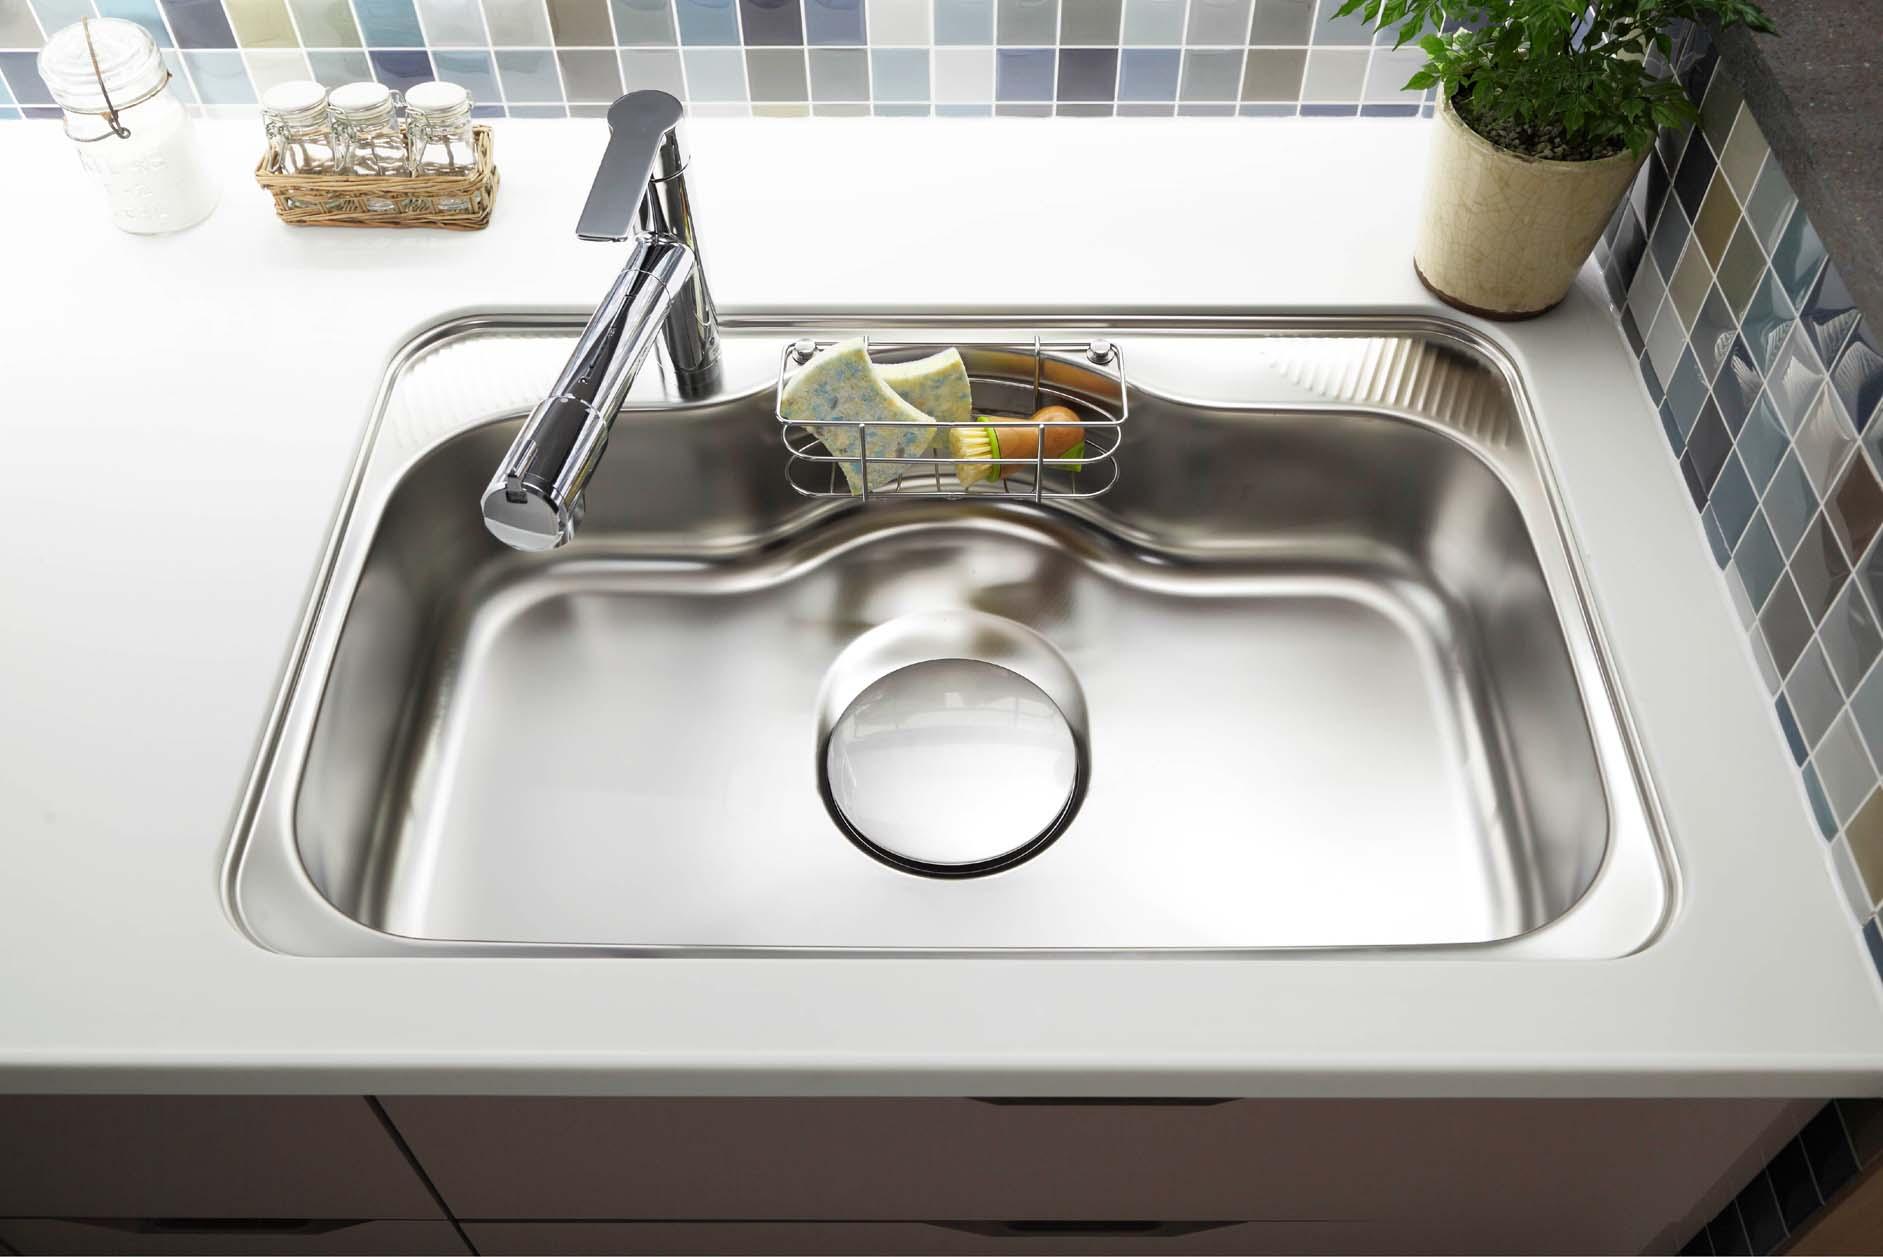 ワイドシンク・浄水器一体型水栓。フライパンや中華鍋などもスムーズに洗えるサイズに。洗剤やスポンジ用のポケット付き。(イメージ画… イメージ